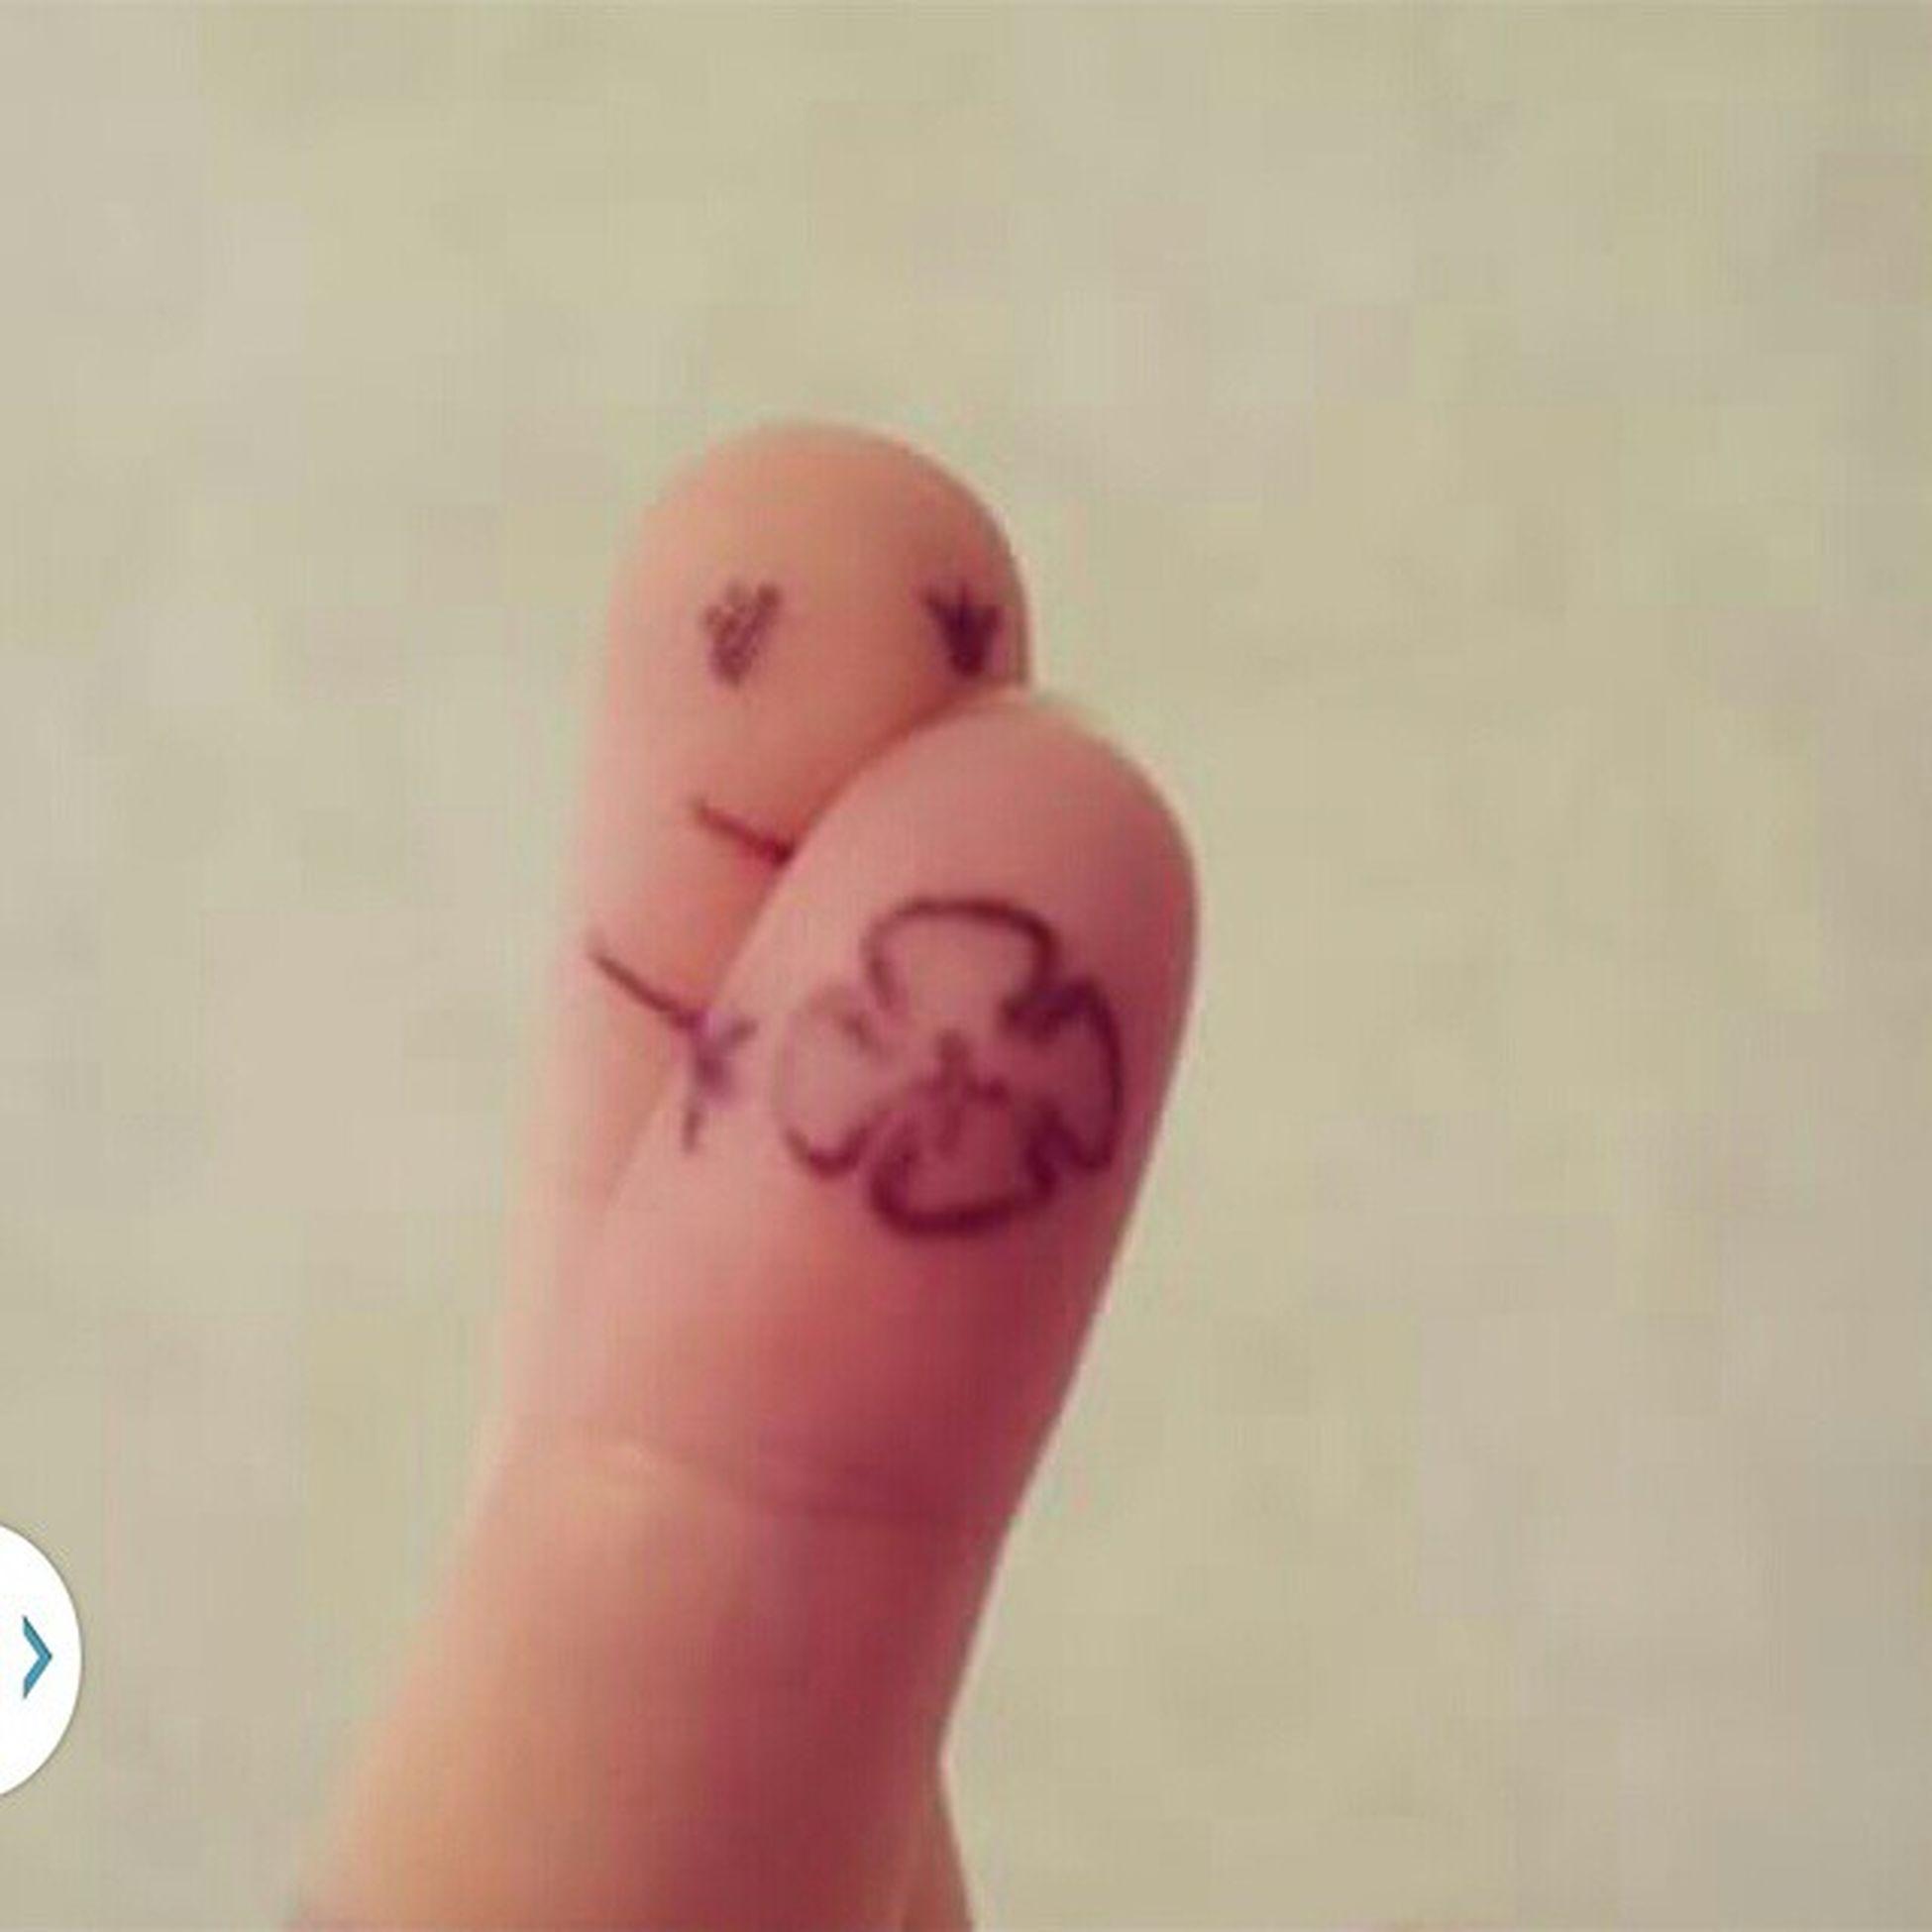 On croise les doigts.. 🏠🔑⁉ Appartement Enattente Dereponse Stress Celuila Pasunautre 🙈😓👆